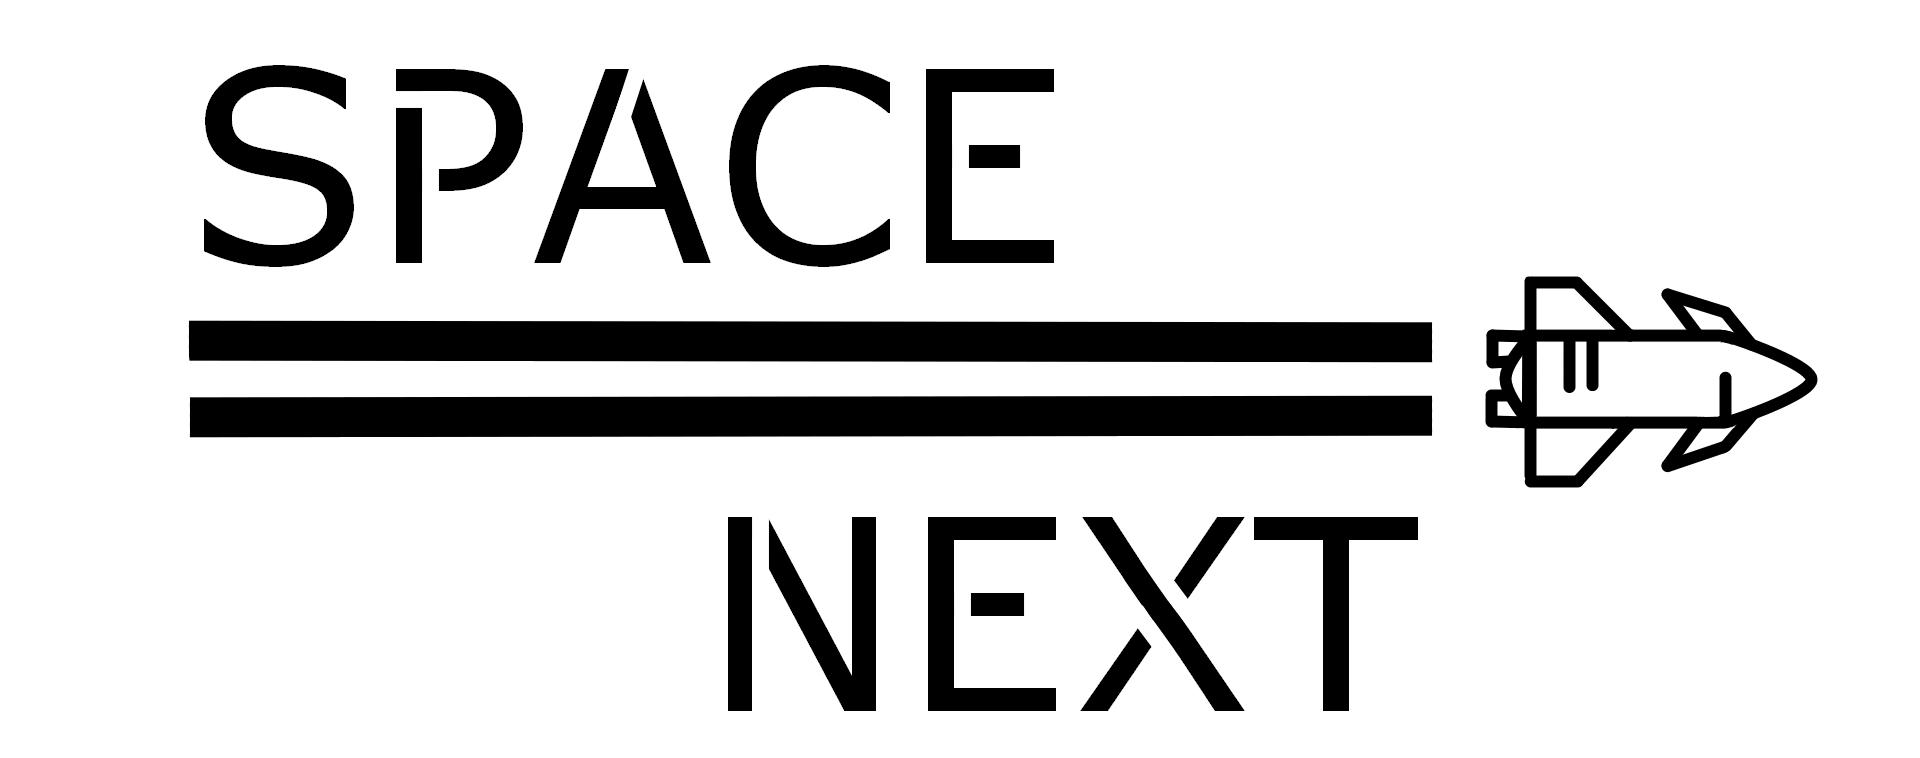 SpaceNext